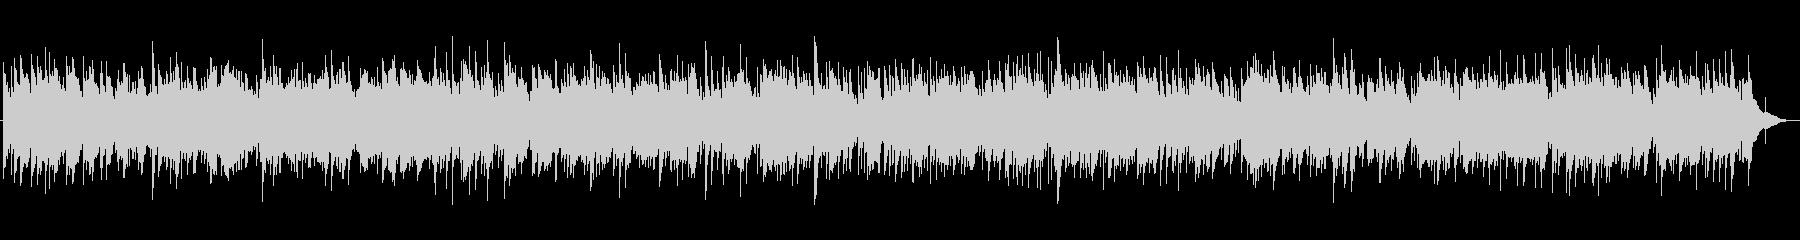 3拍子アコースティックバラードの未再生の波形